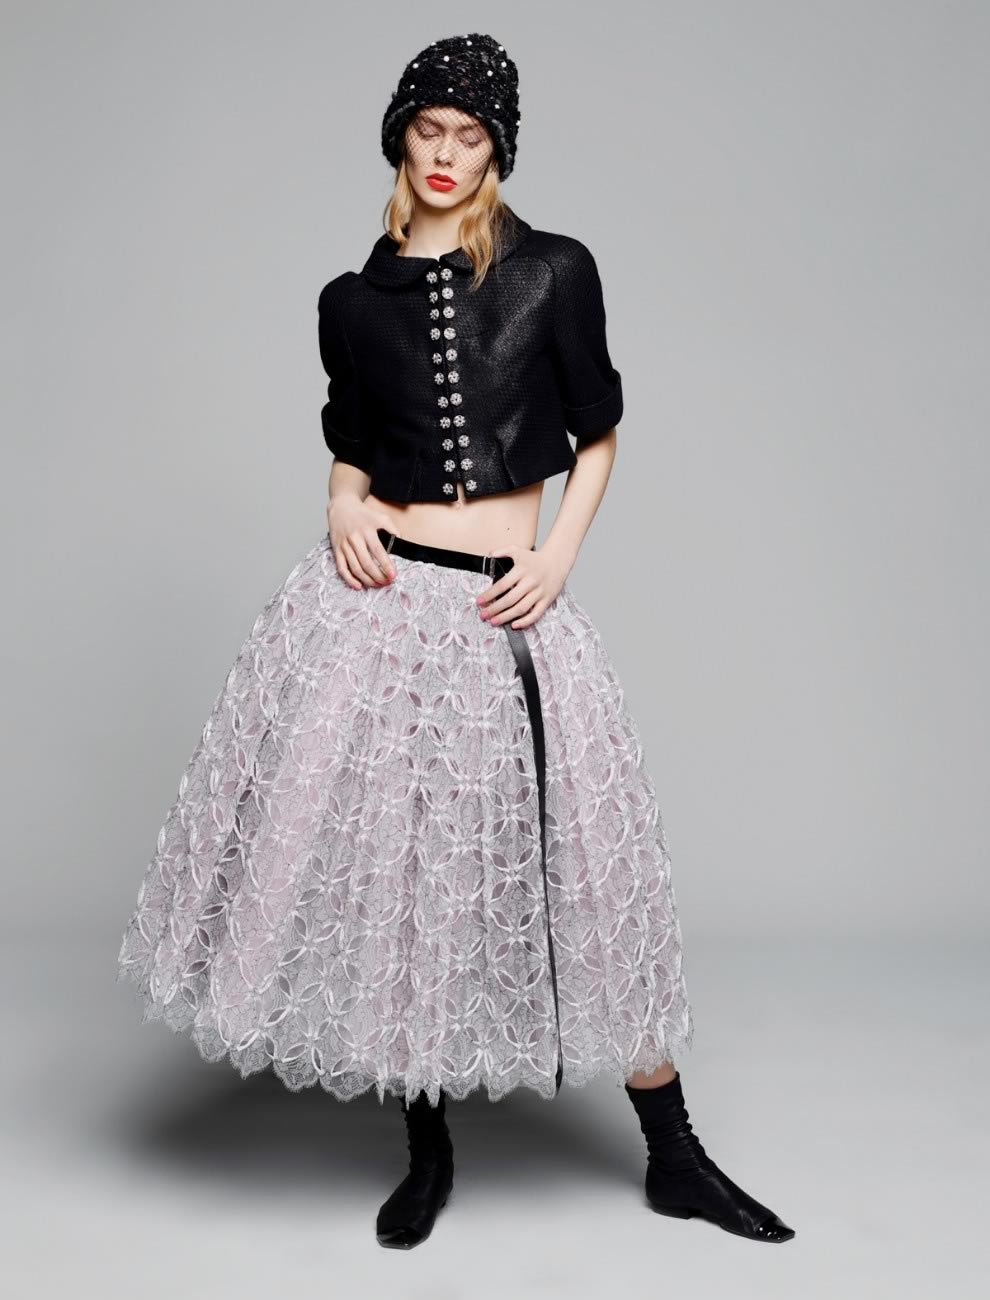 Ensemble avec jupe en dentelle mécanique perforée à la main Karl Lagerfeld pour CHANEL, Collection Haute-Couture Printemps-Été 2015 © Karl Lagerfeld